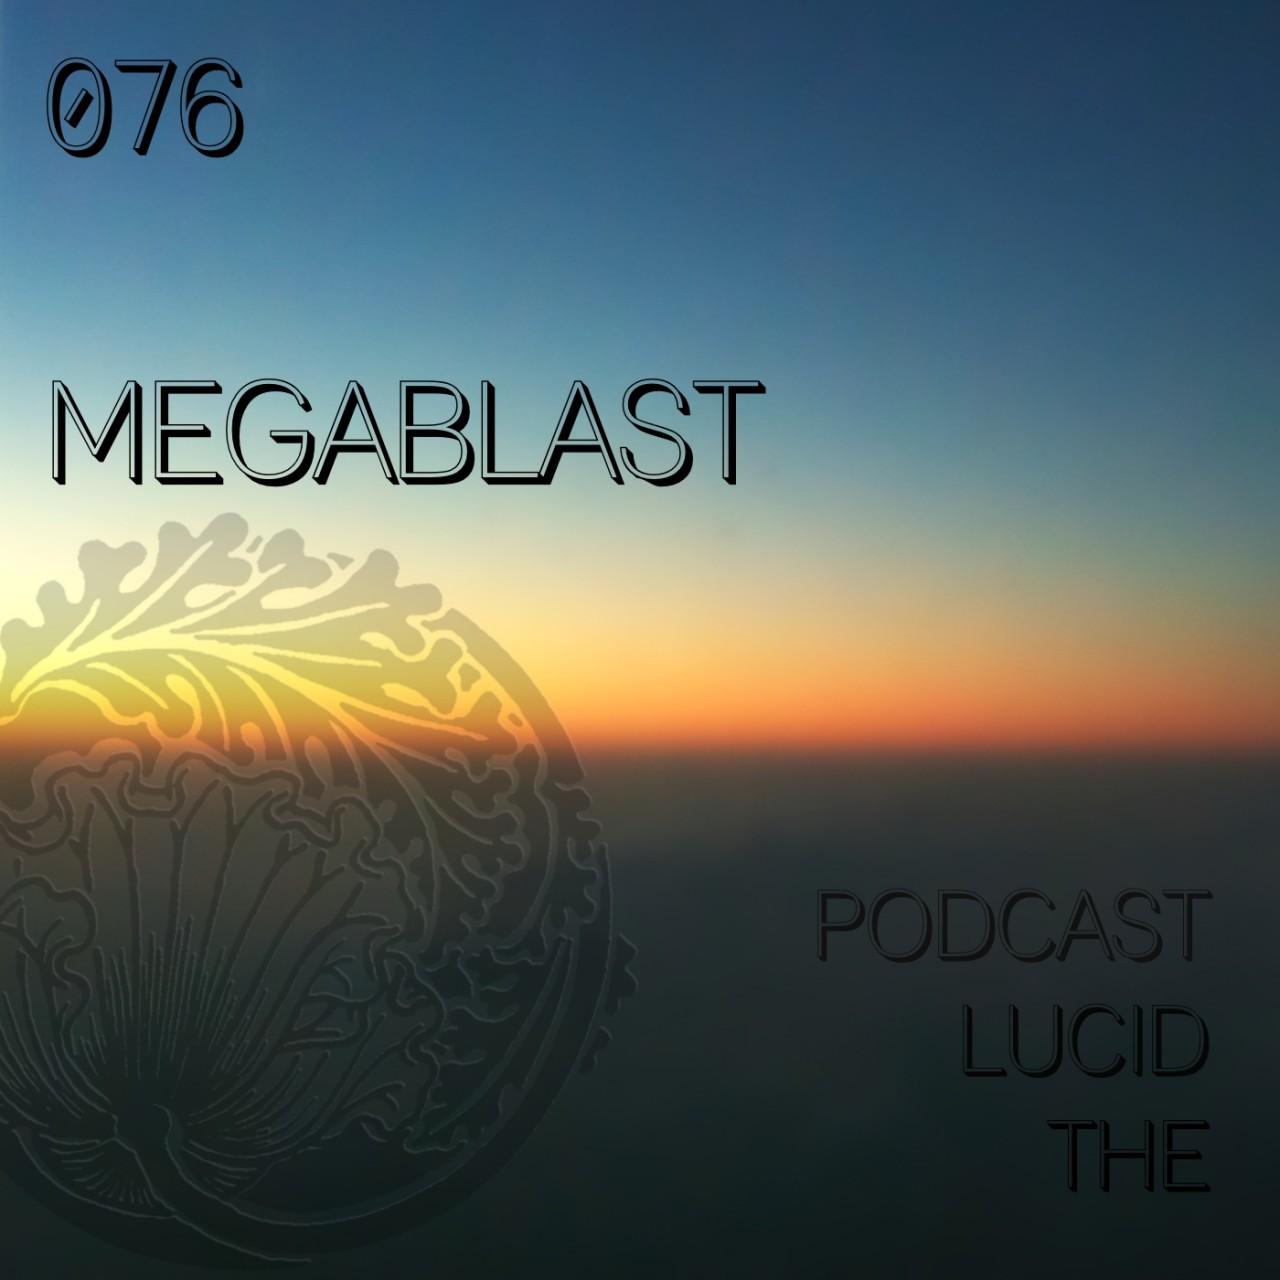 The Lucid Podcast 076 Megablast